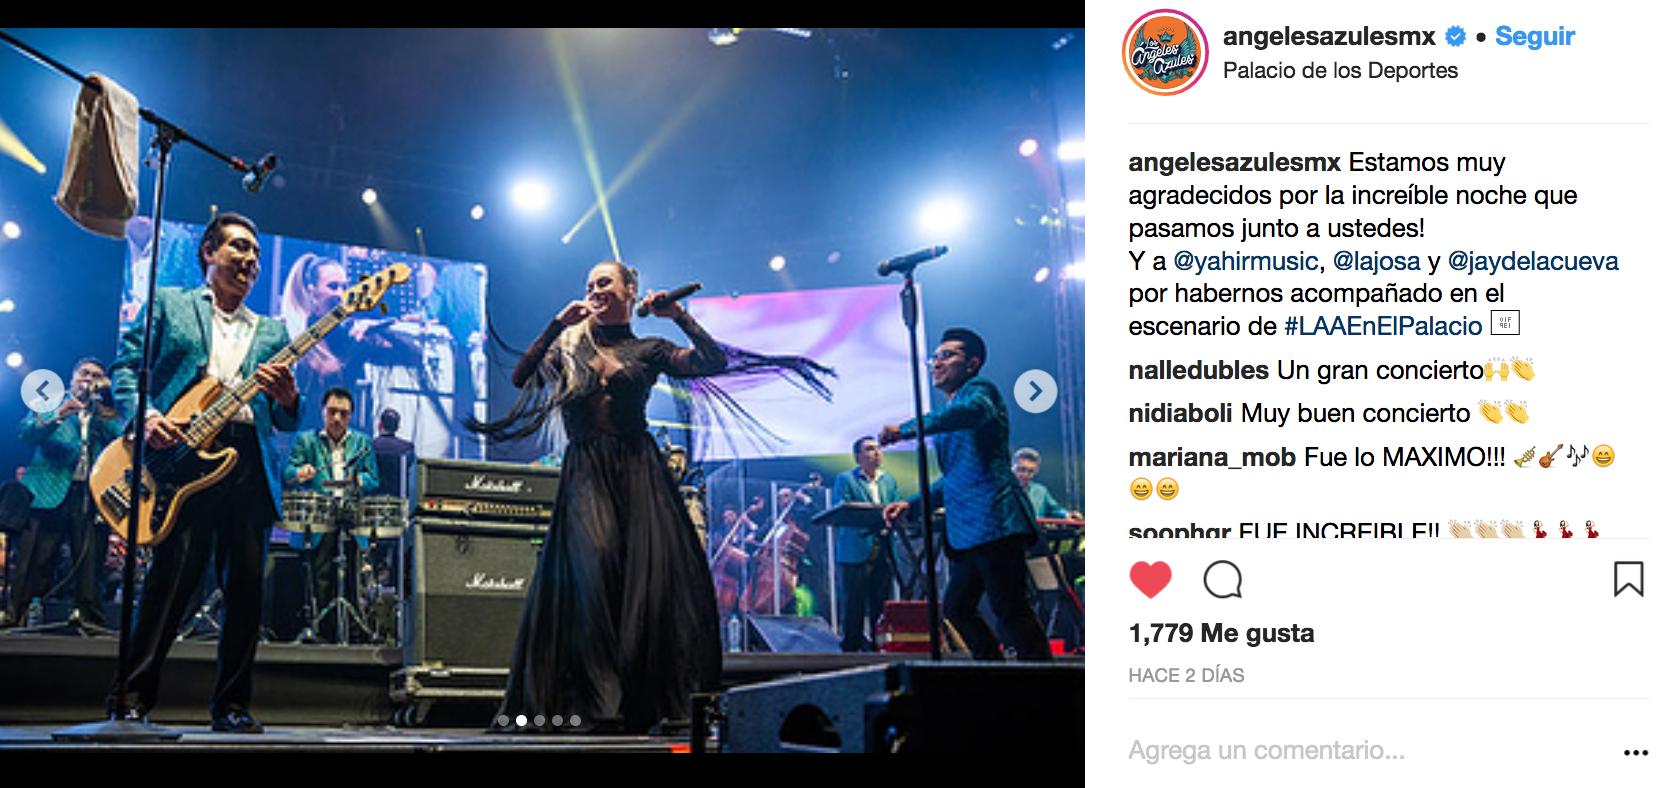 Los Ángeles Azules se encuentran mejor que nunca y de nuevo a enamoraron a su público con una presentación muy especial.